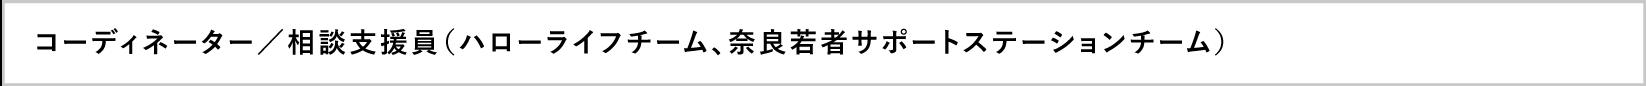 コーディネーター/相談支援員